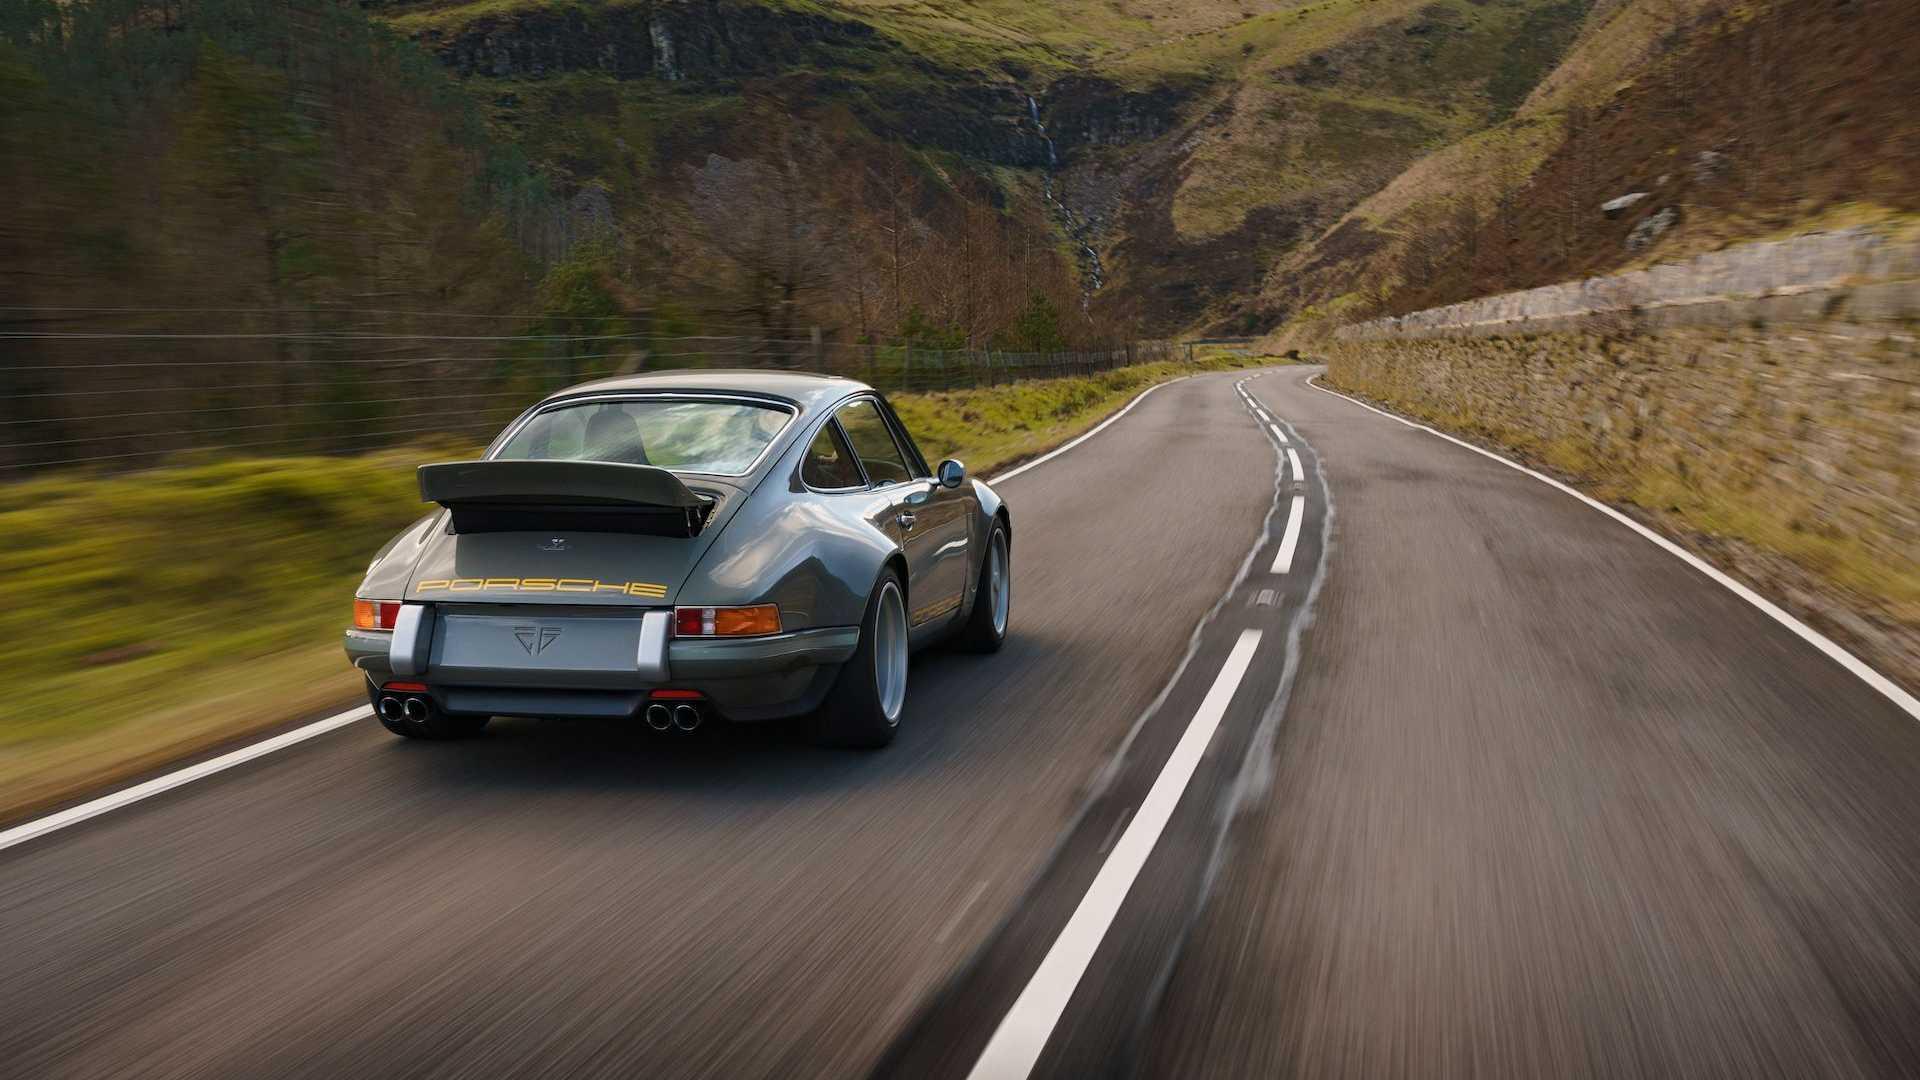 Theon-Design-HK002-Porsche-911-52